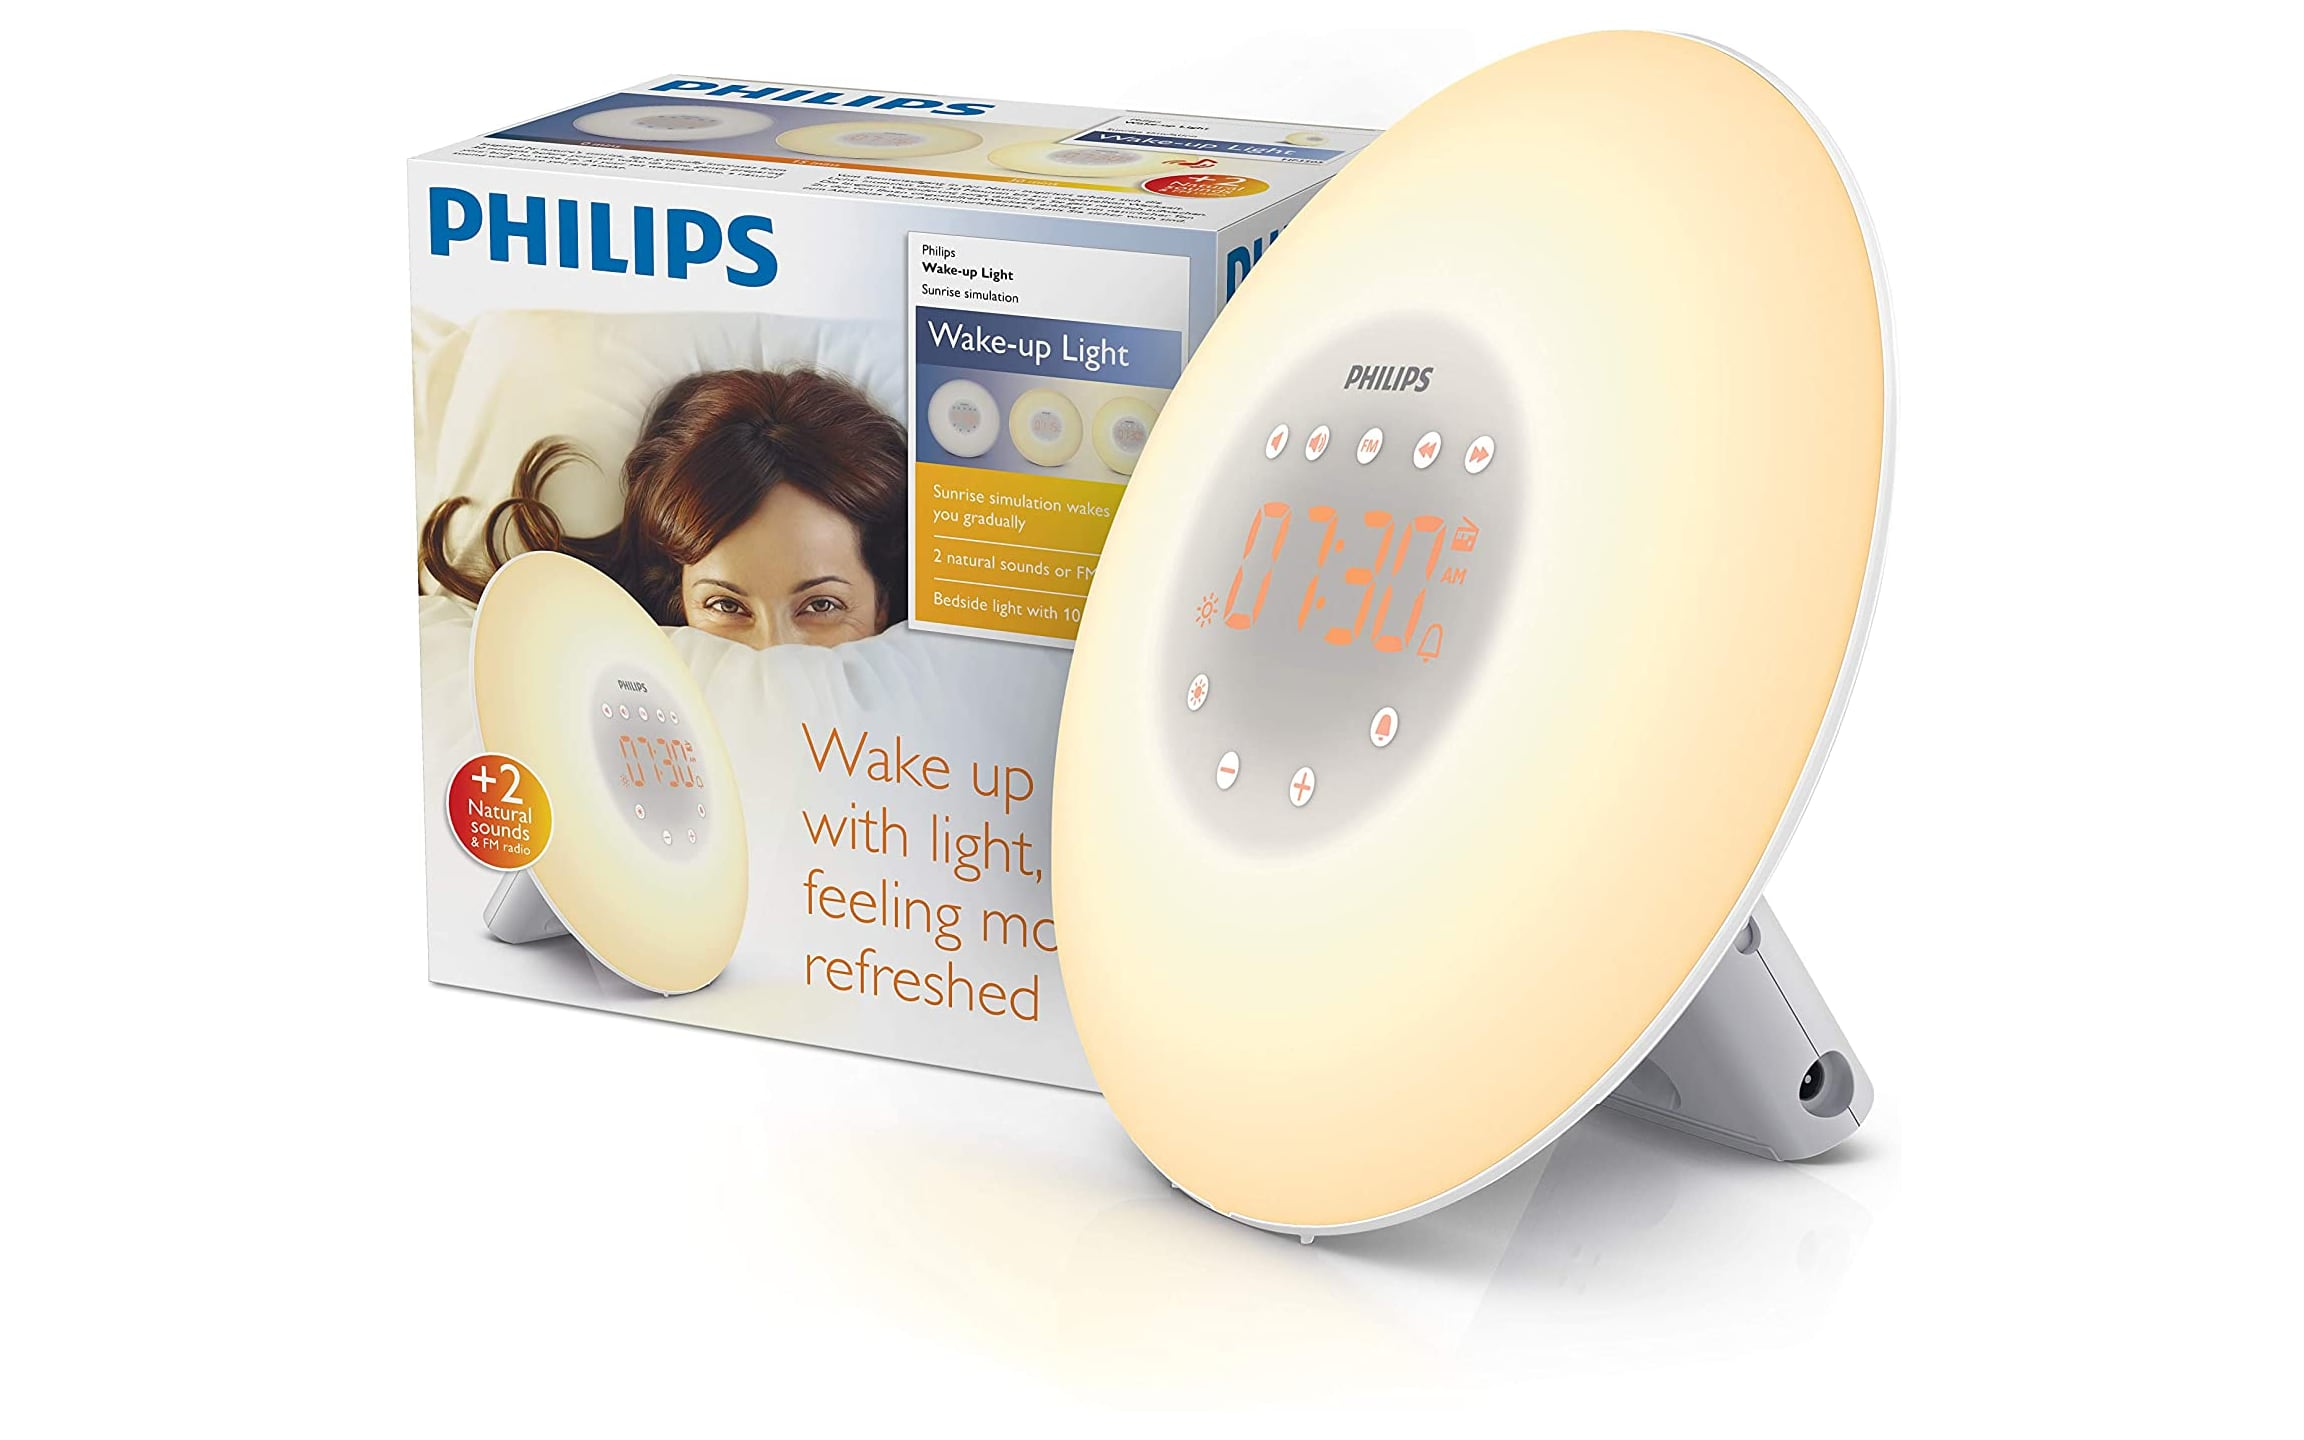 Philips Wake-up